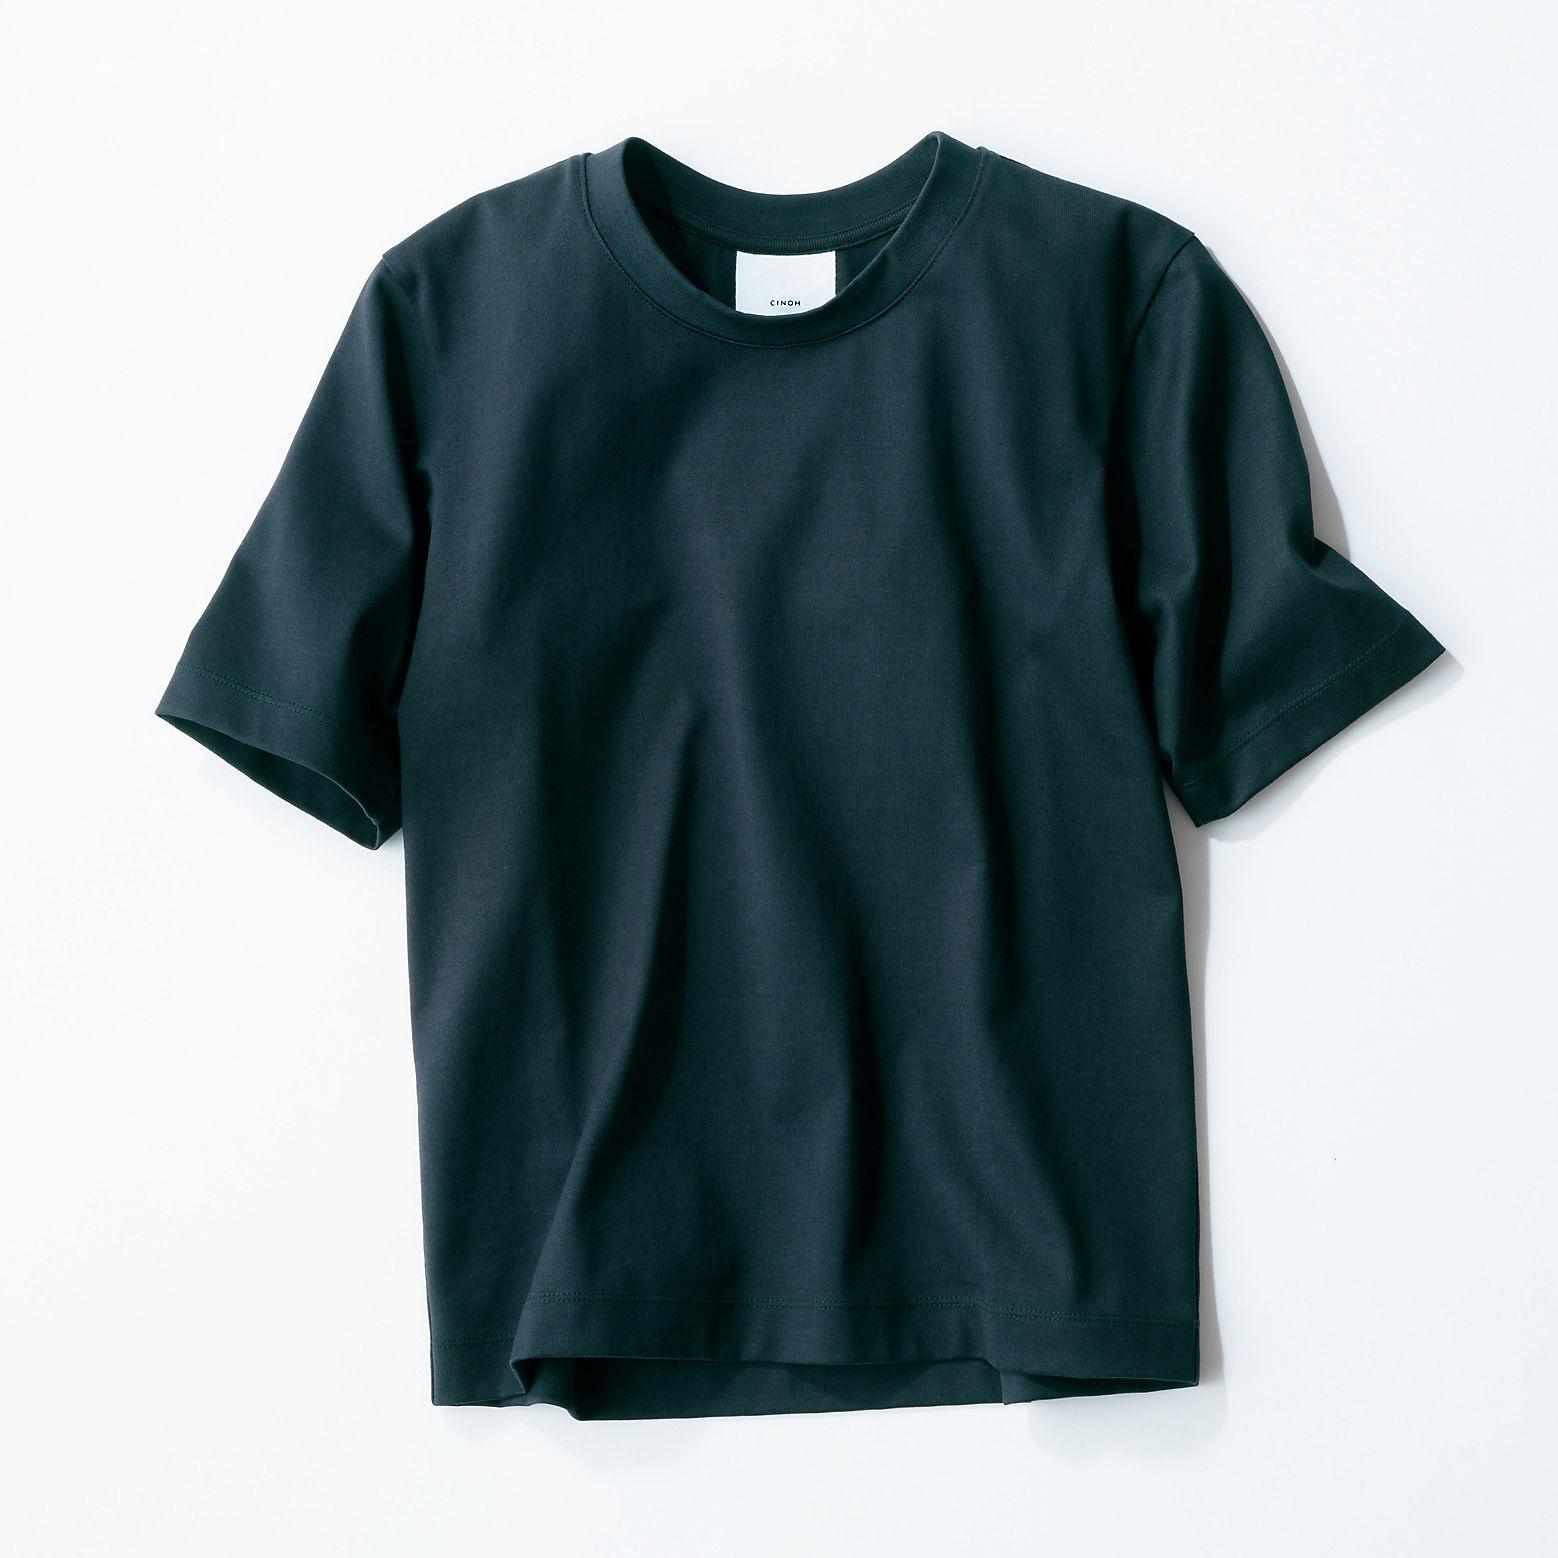 CINOH×éclat コンパクトTシャツ